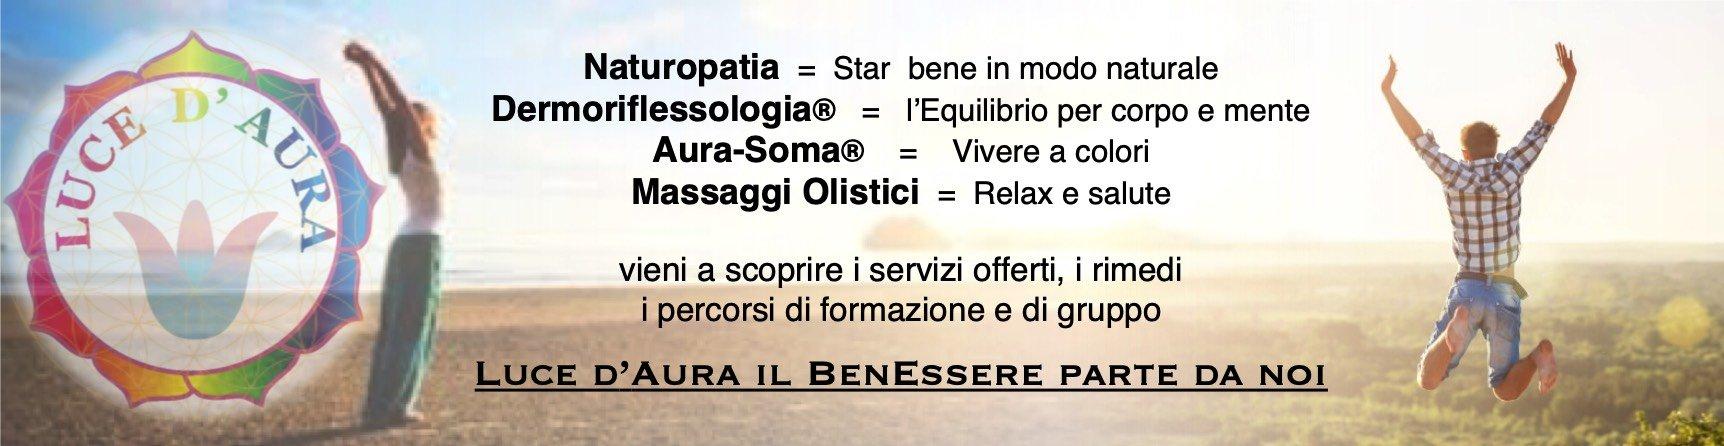 naturopatia-benessere-erboristeria-aura-soma-olistico-massaggi-dermoriflessologia